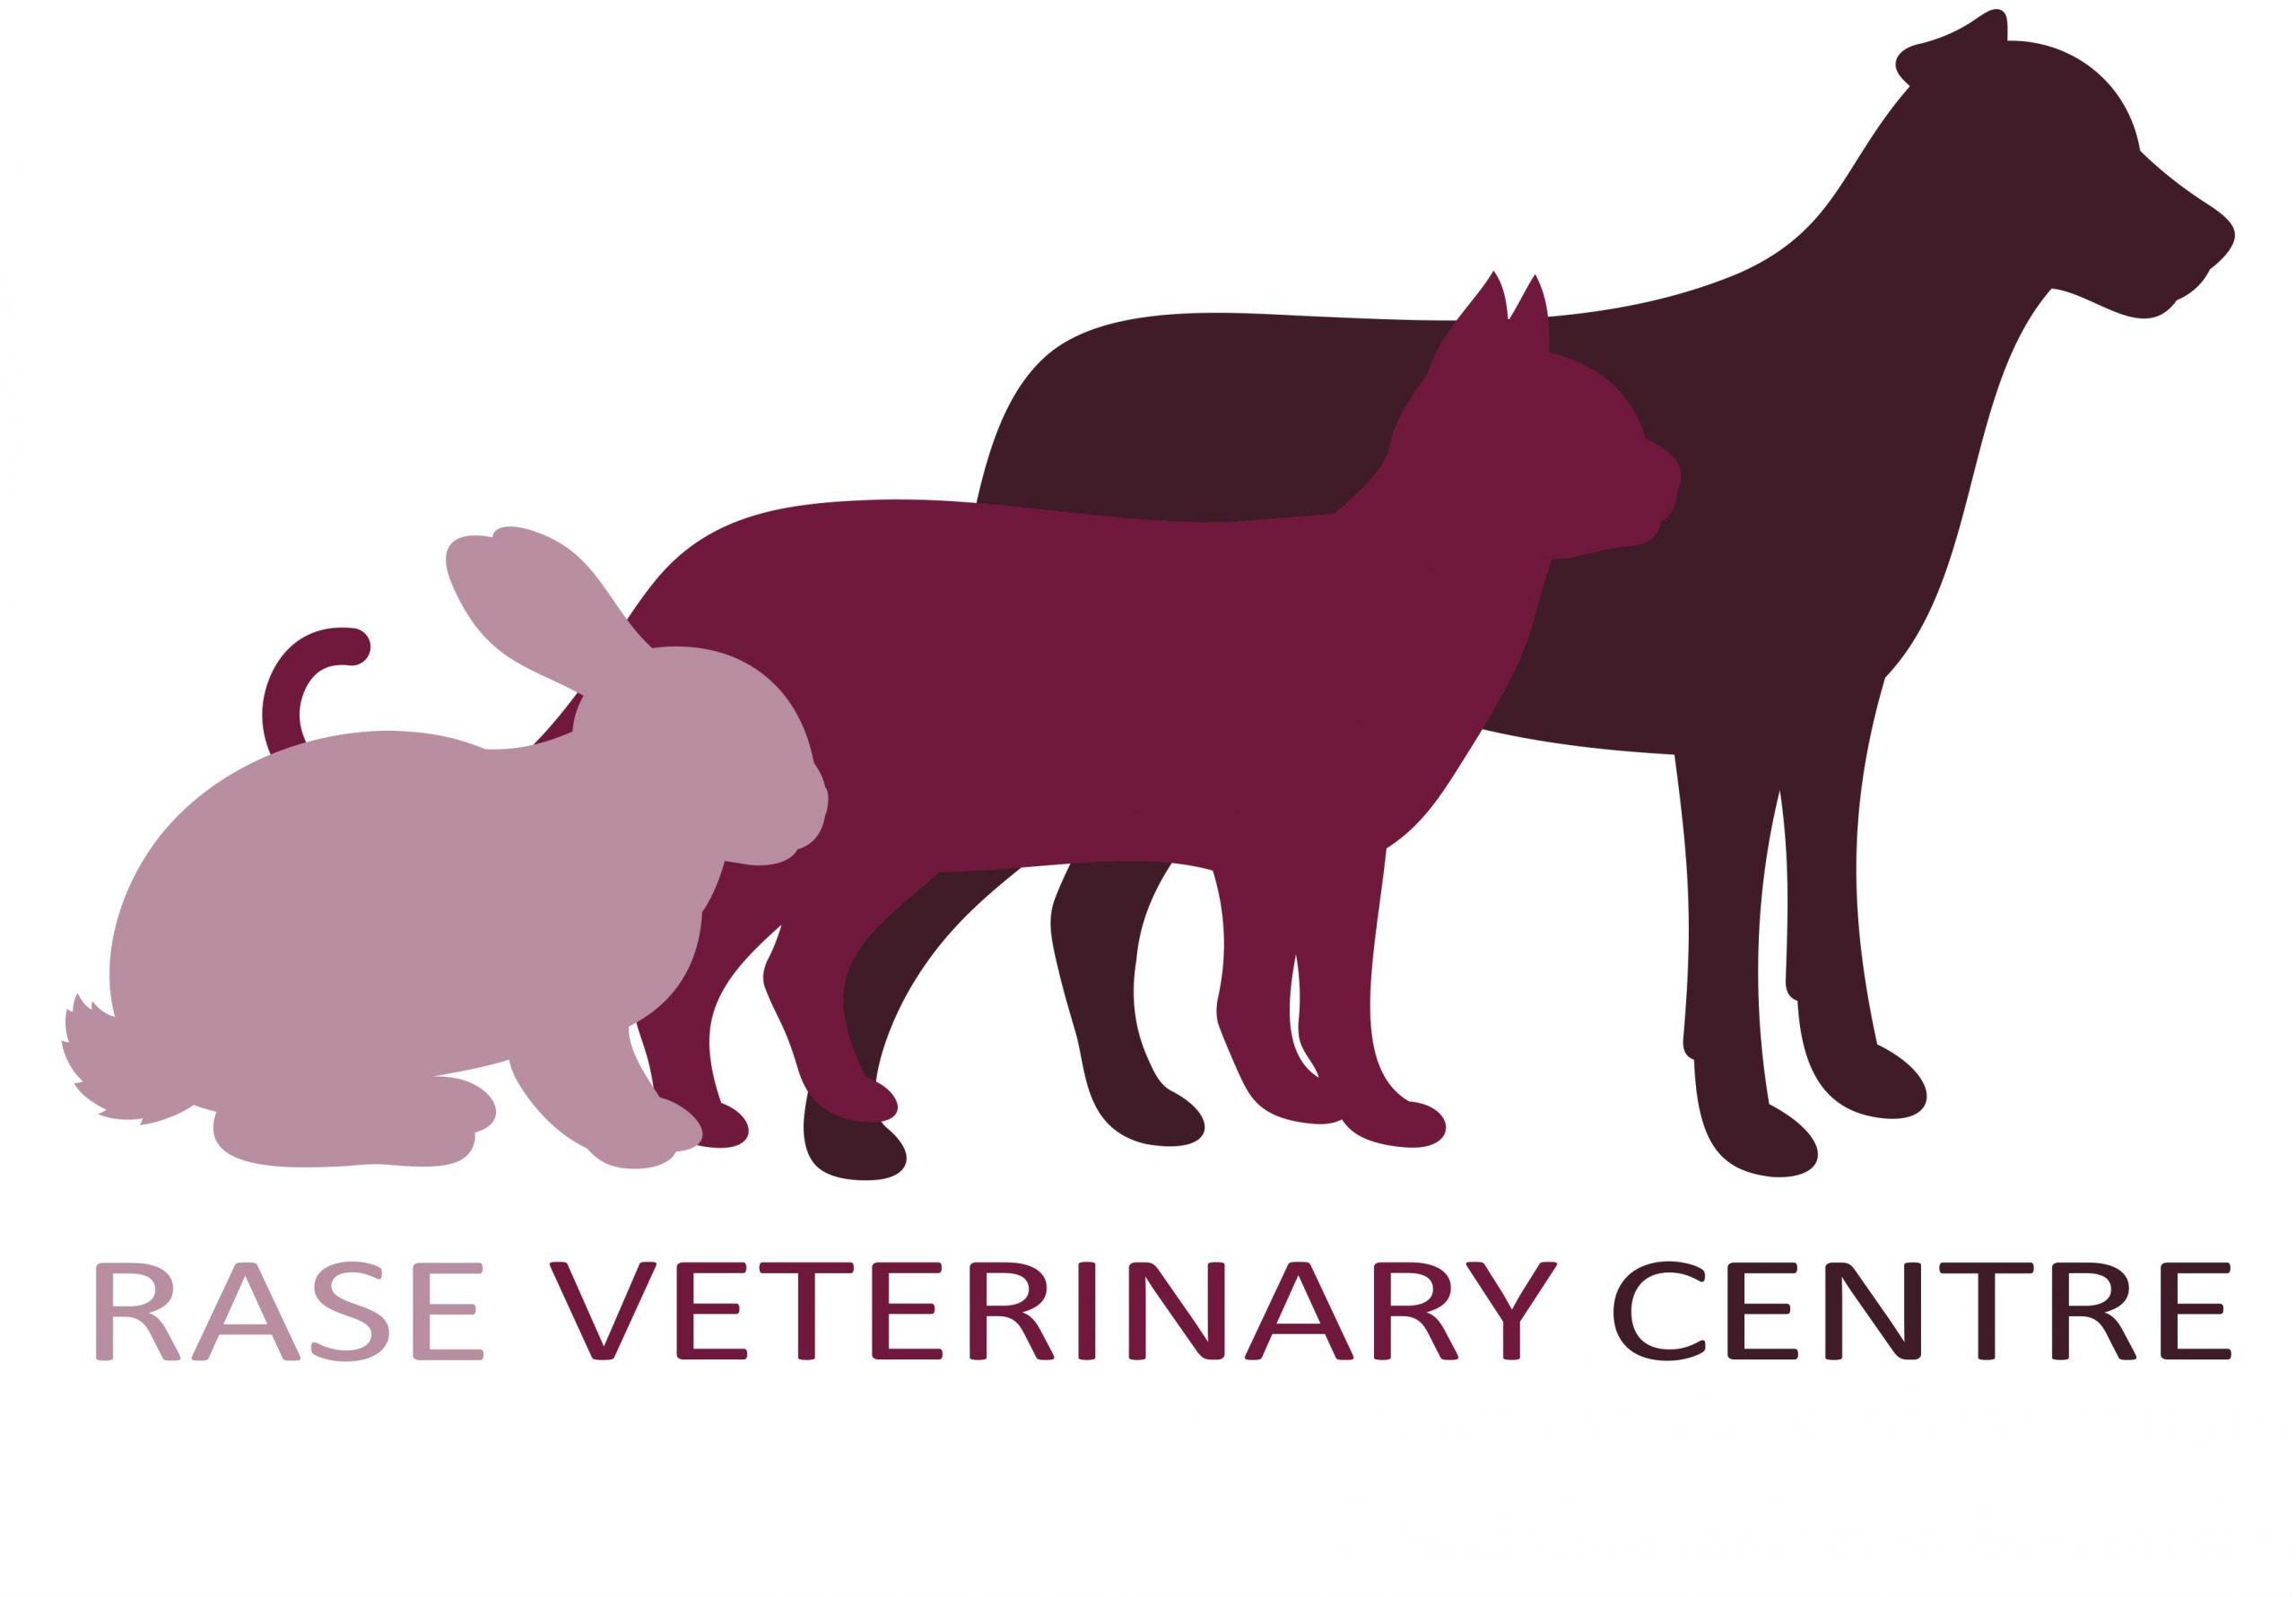 Rase Veterinary Centre